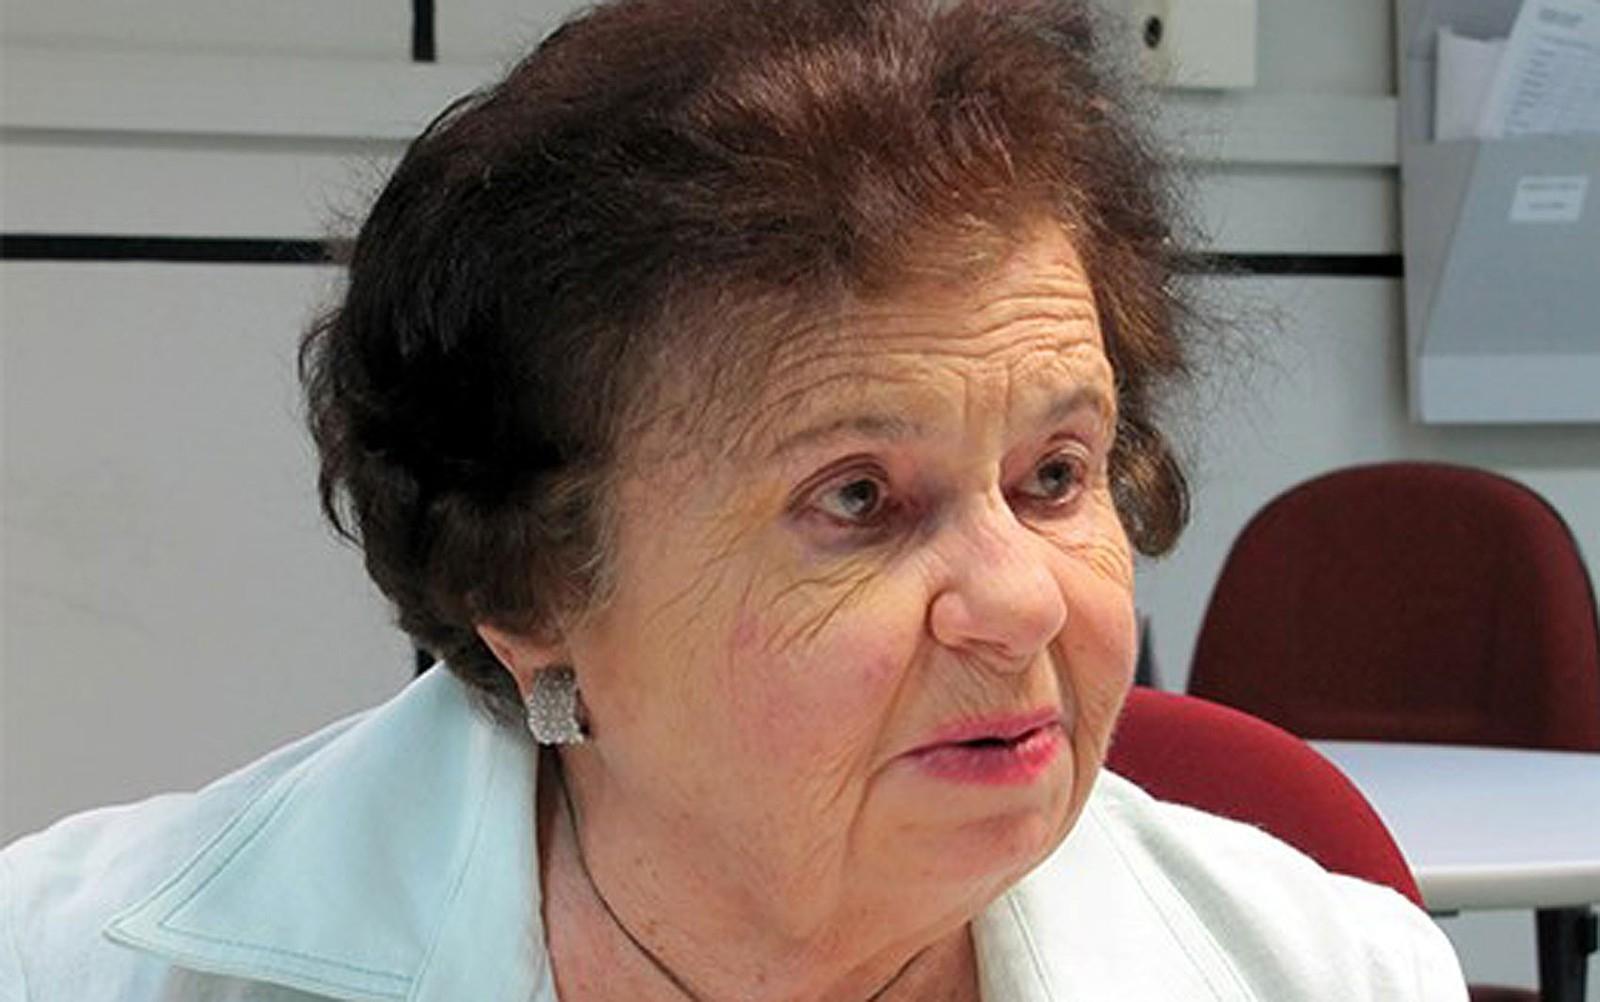 Miriam Brik Nekrycz, sobrevivente do Holocausto que se mudou para o Brasil, morreu em São Paulo